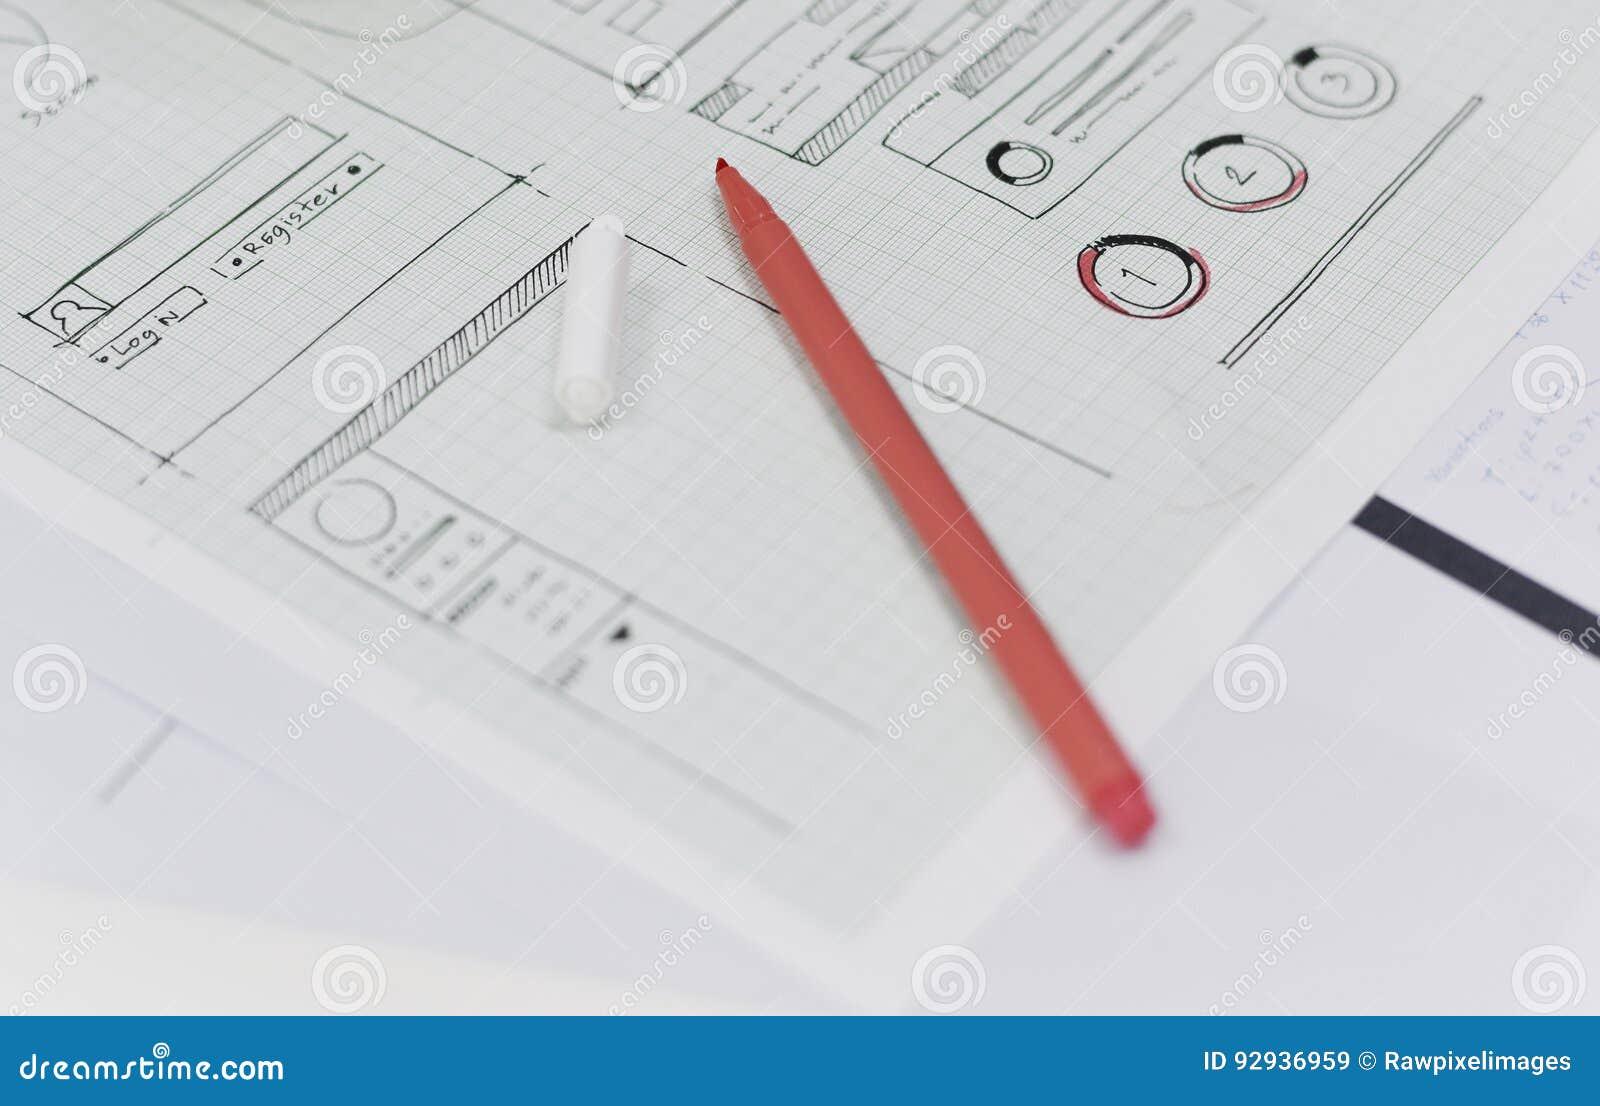 Startup orientering för design för affärsWebsiteinnehåll på papper